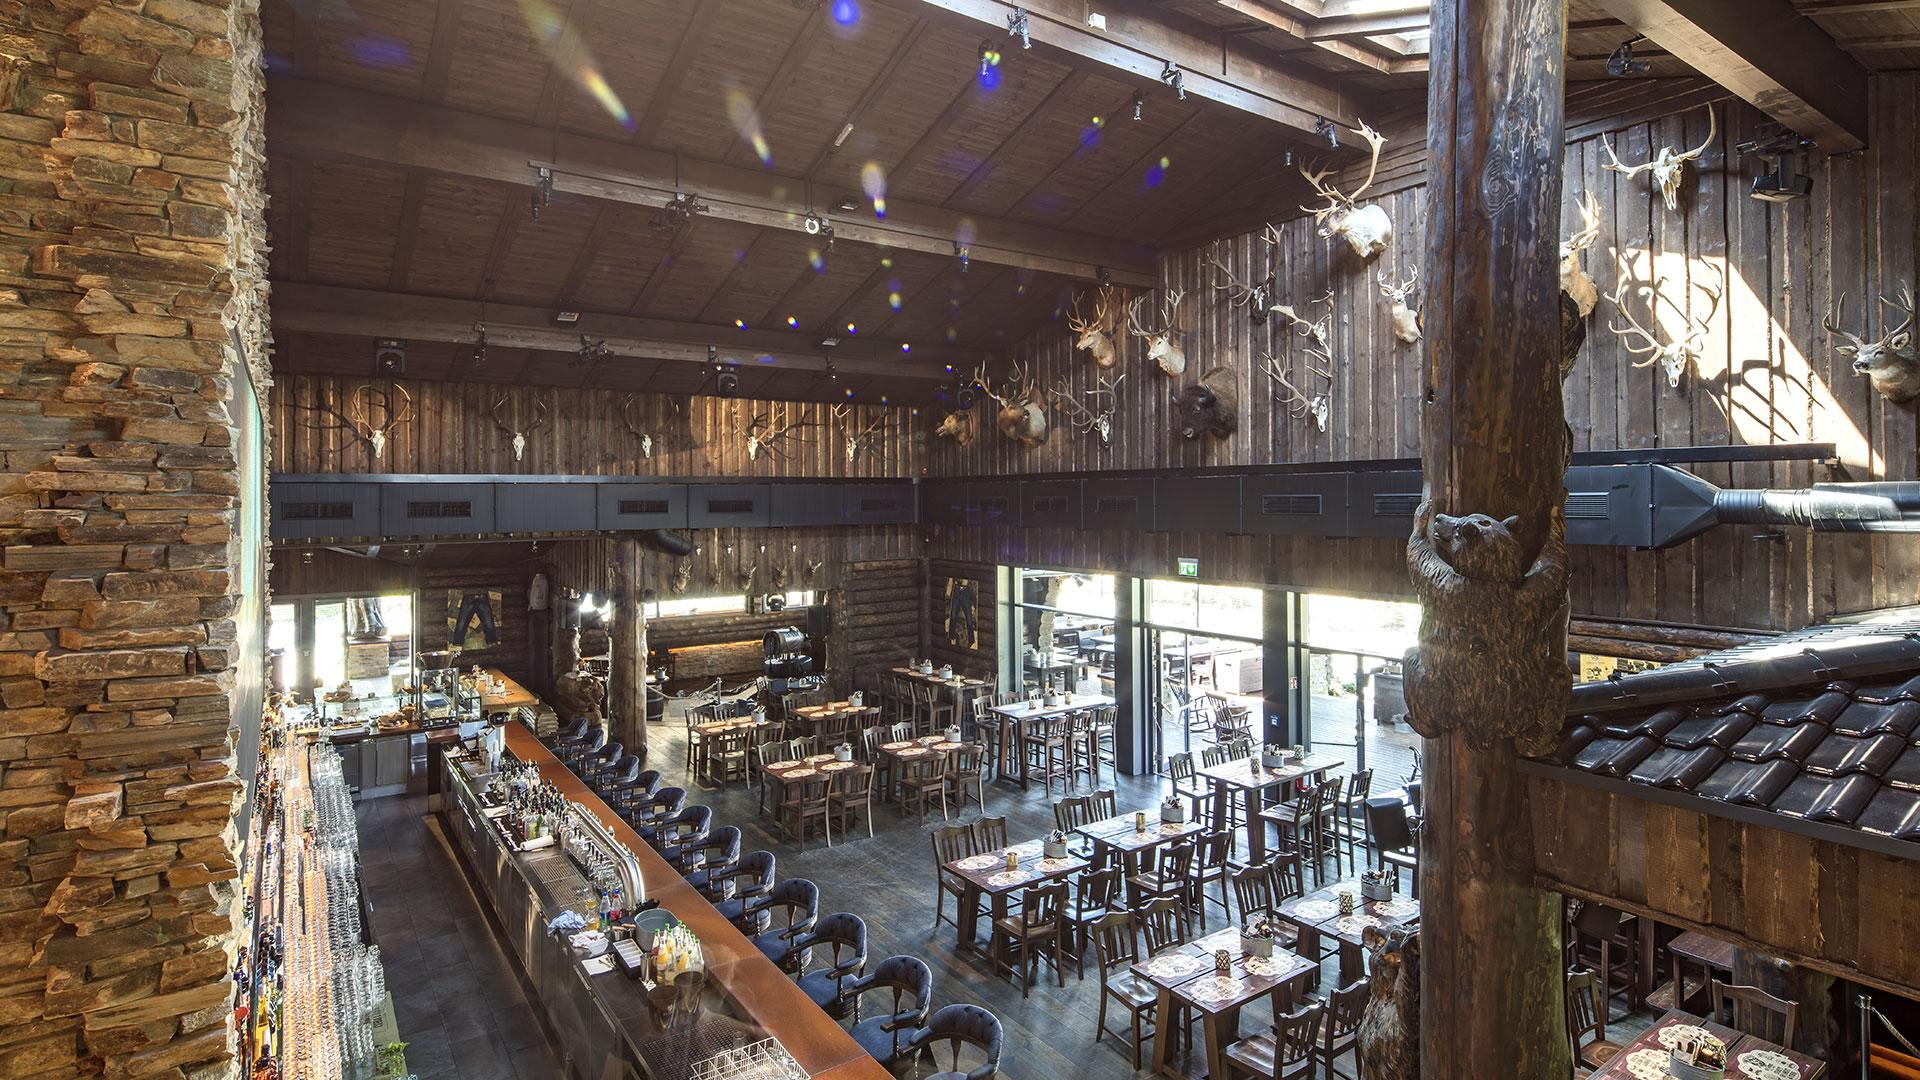 Architekturfotografie: Innenraum Gaststätte | Foto: Dieter Eikenberg, imprints